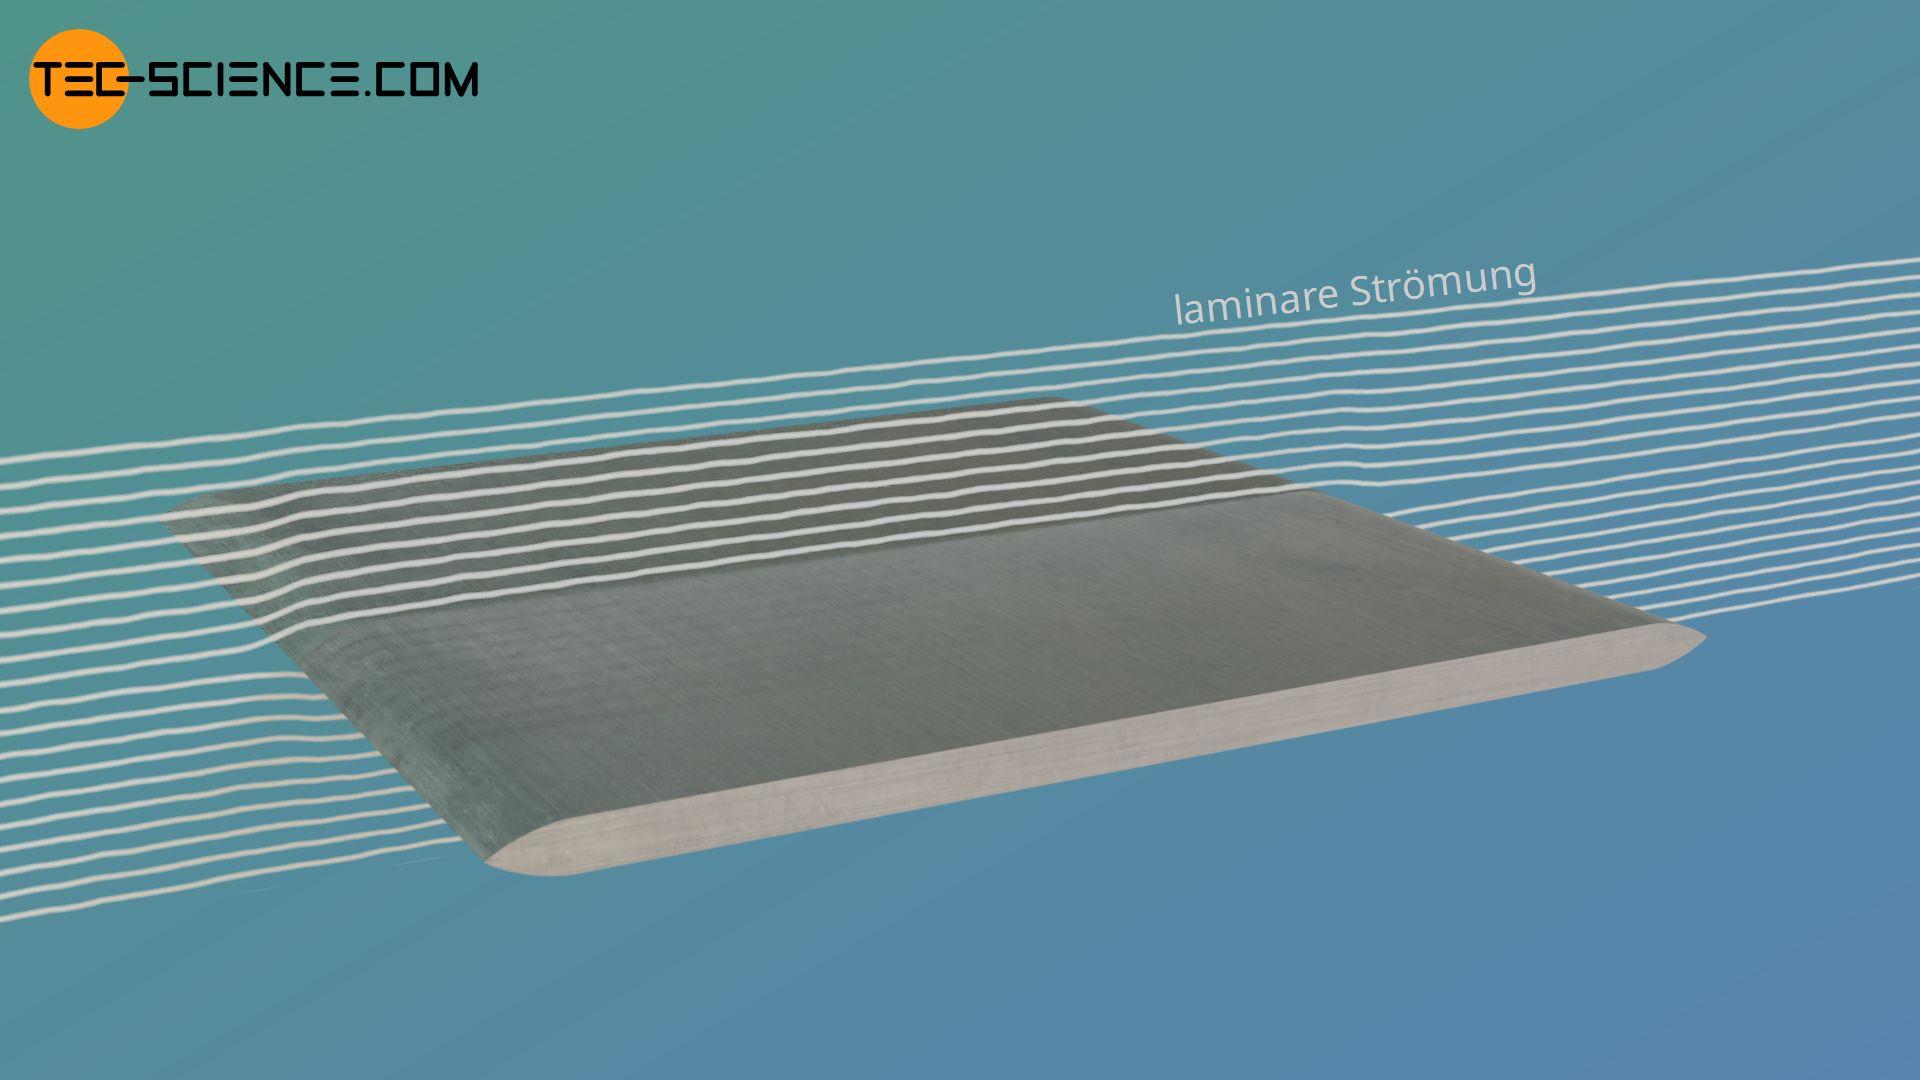 Konvektiver Wärmeübergang an einer laminar umströmten Platte